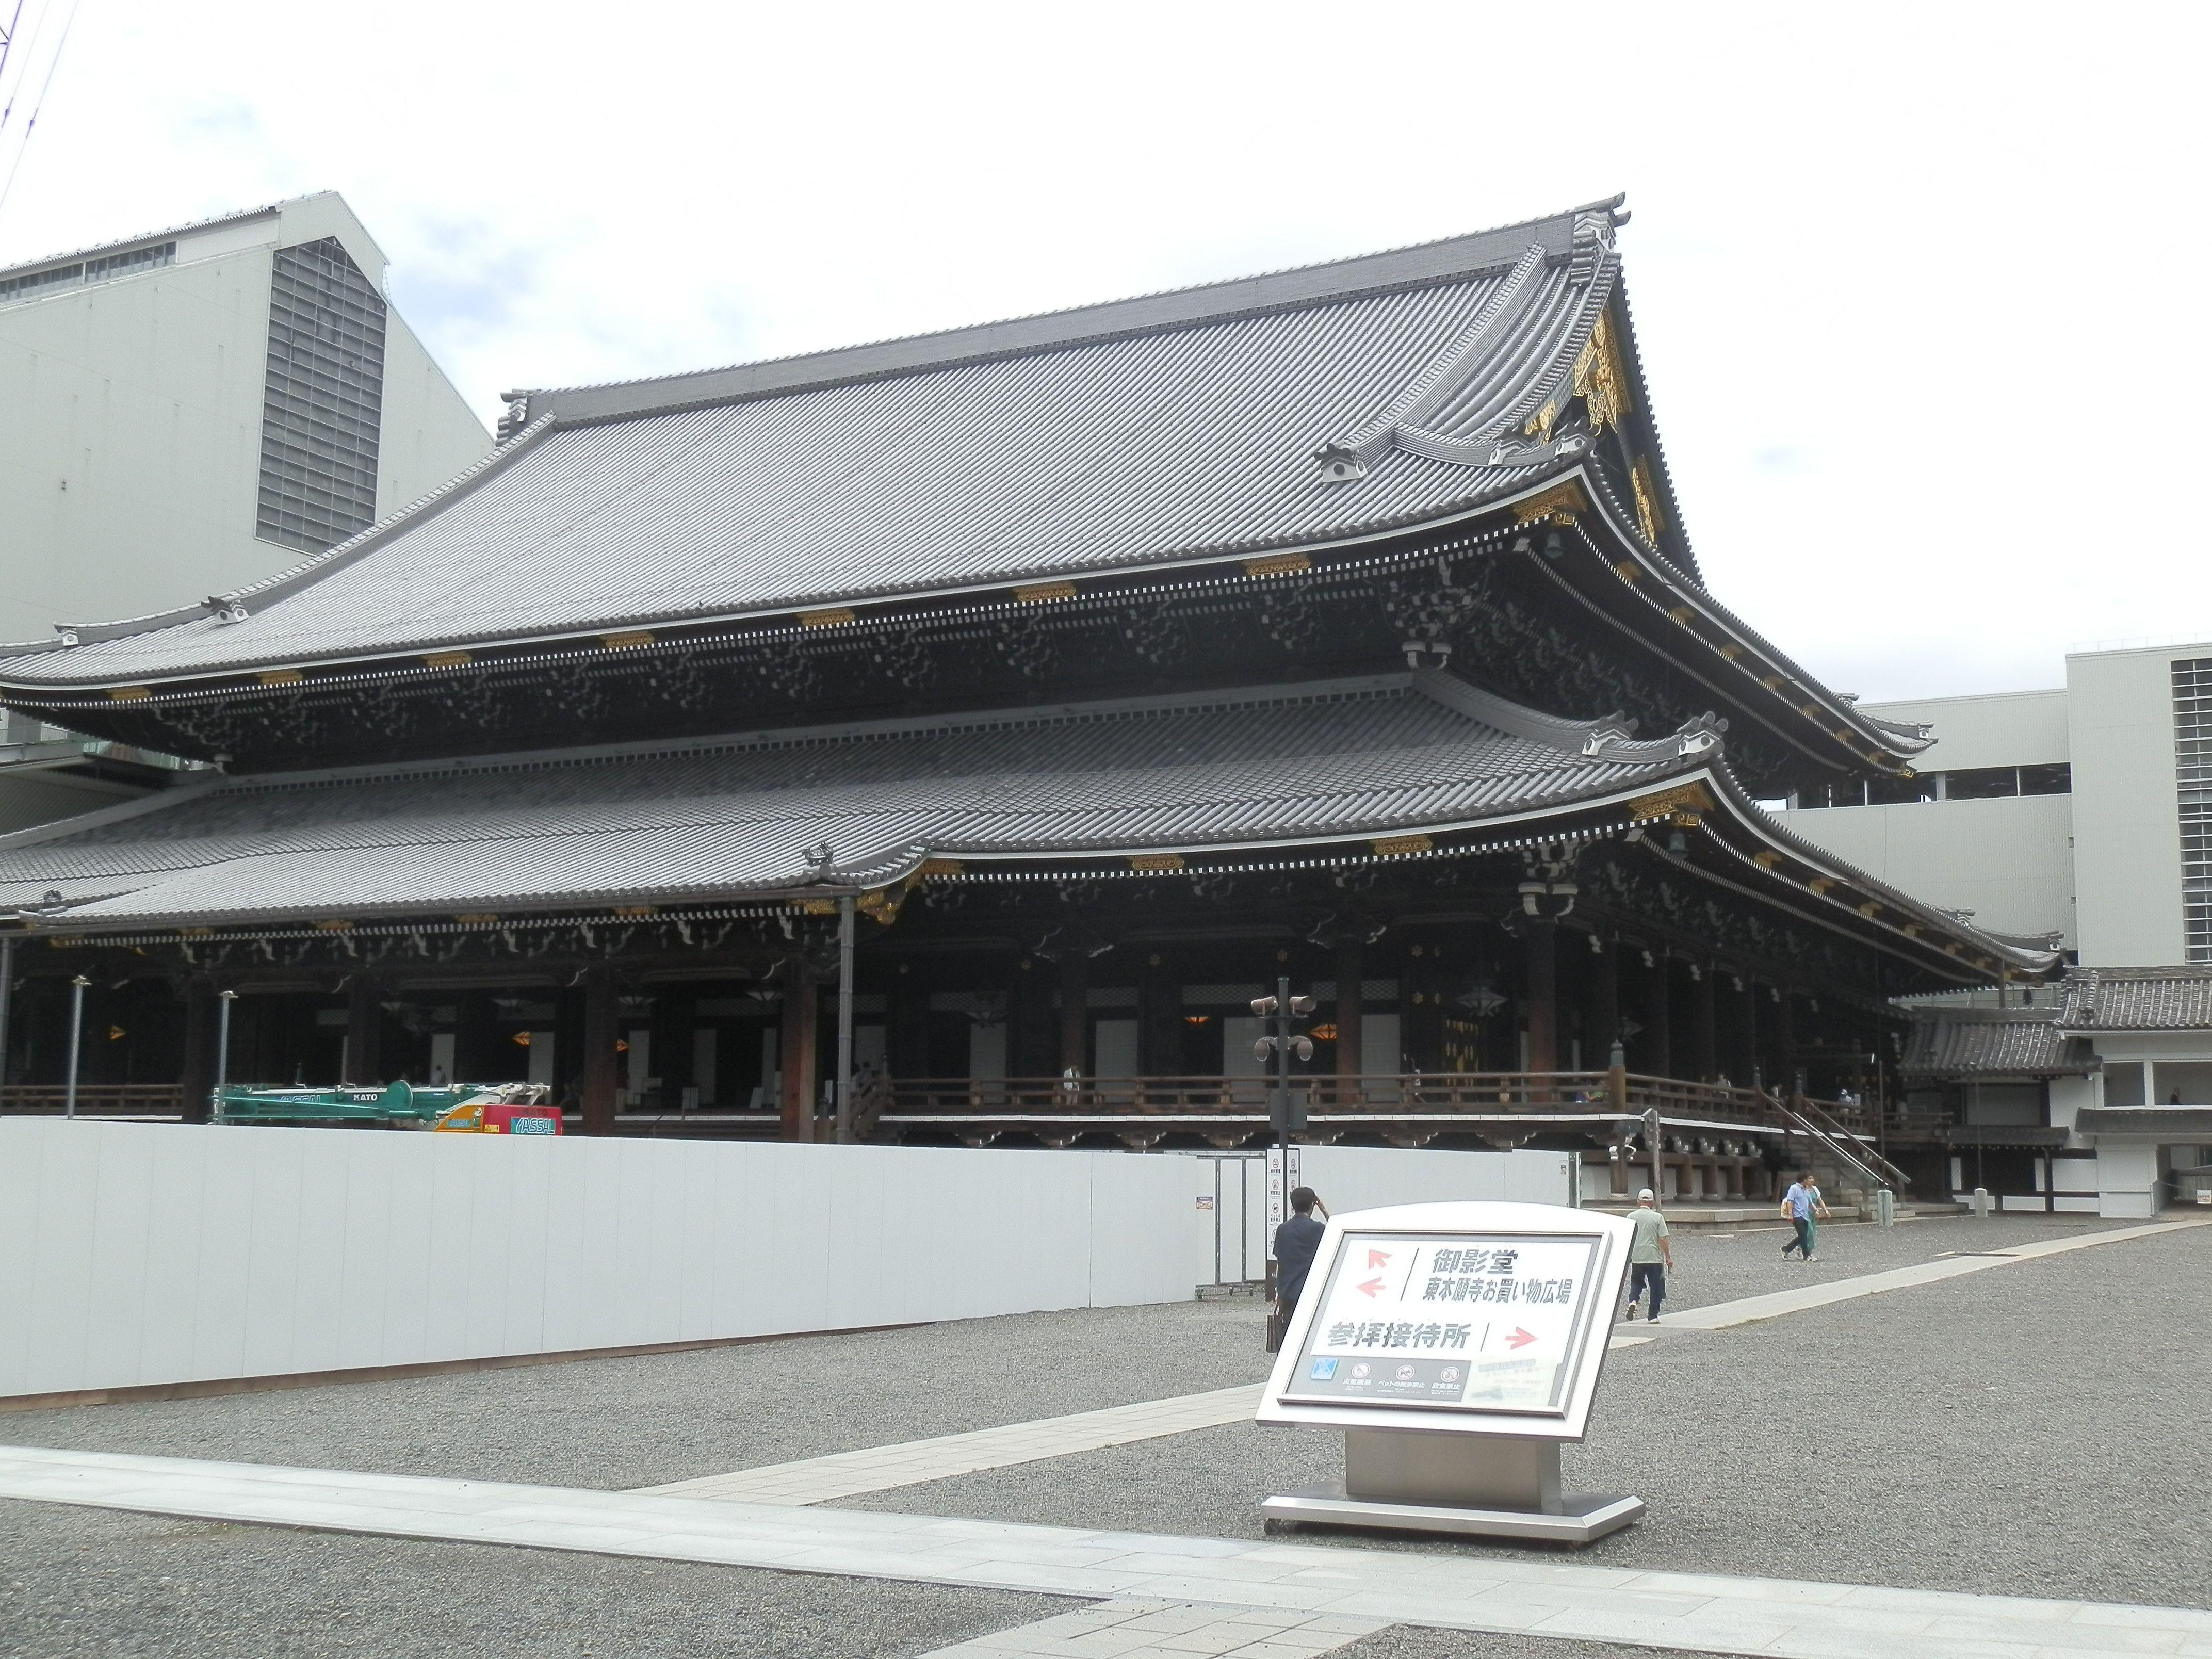 東本願寺御影堂  左側に阿弥陀堂があるのですが今は改修中で見る事はできませんでした。  ここは浄土真宗大谷派の総本山です